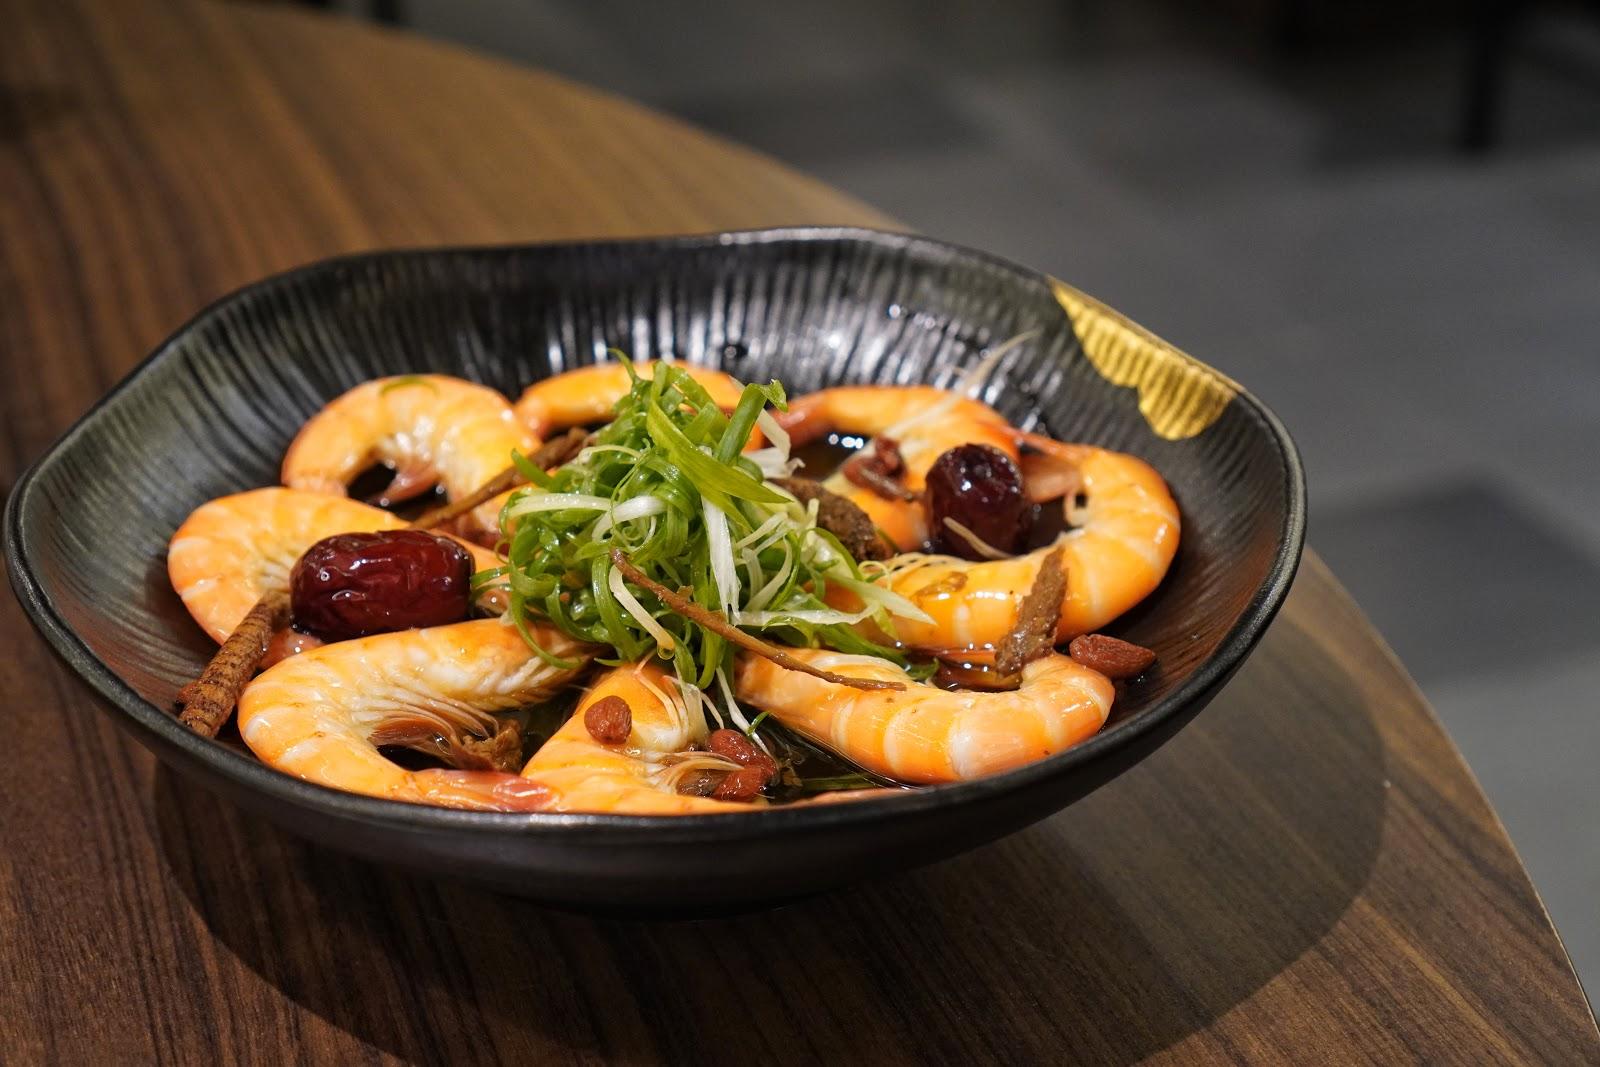 台南東區美食【廚房有雞花雕雞】廣式花雕醉蝦